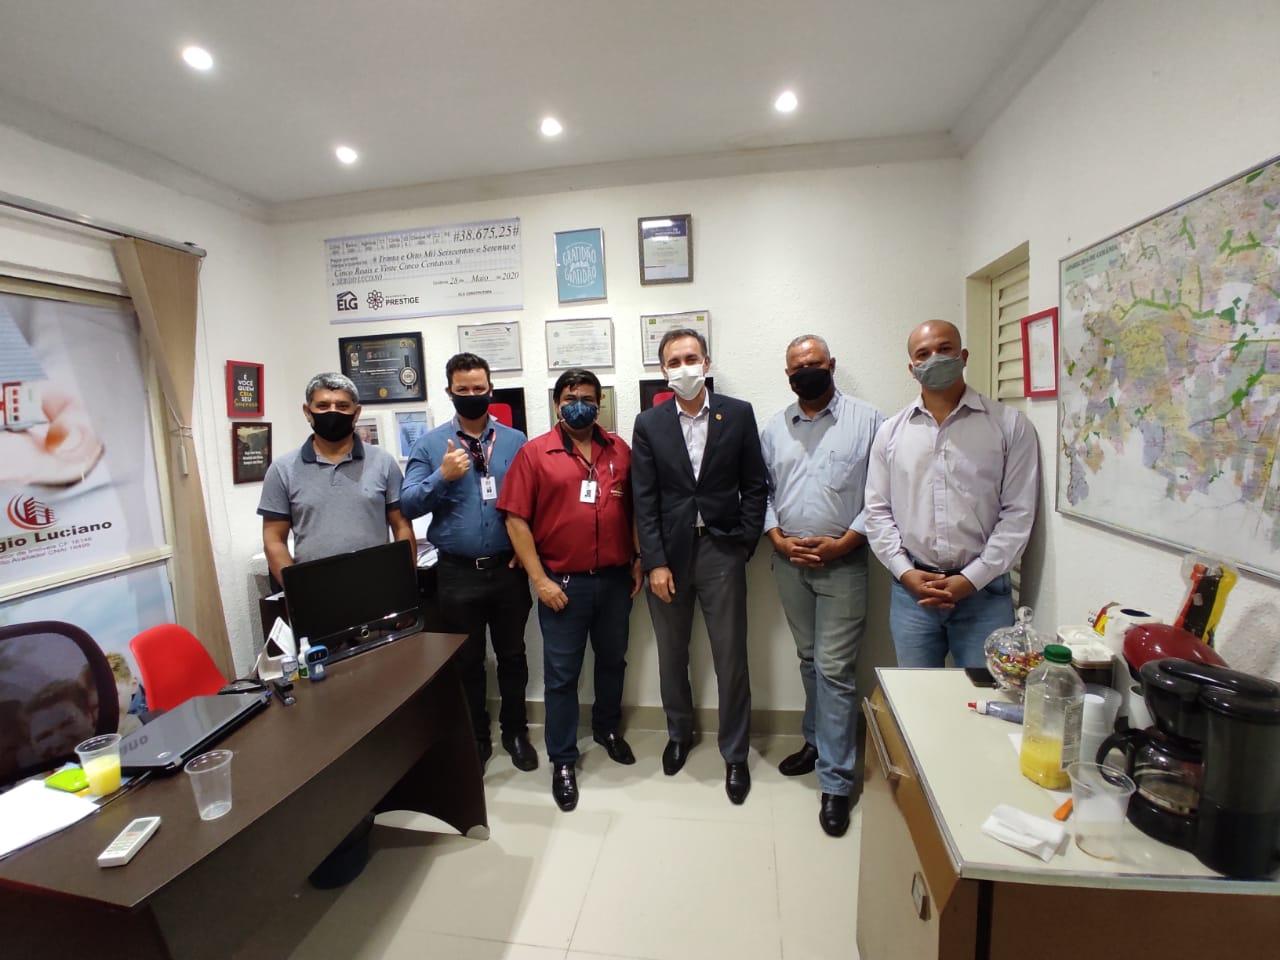 Presidente visita escritório imobiliário Sérgio Luciano | CRECI-GO/ Conselho Regional de Corretores de Imóveis de Goiás